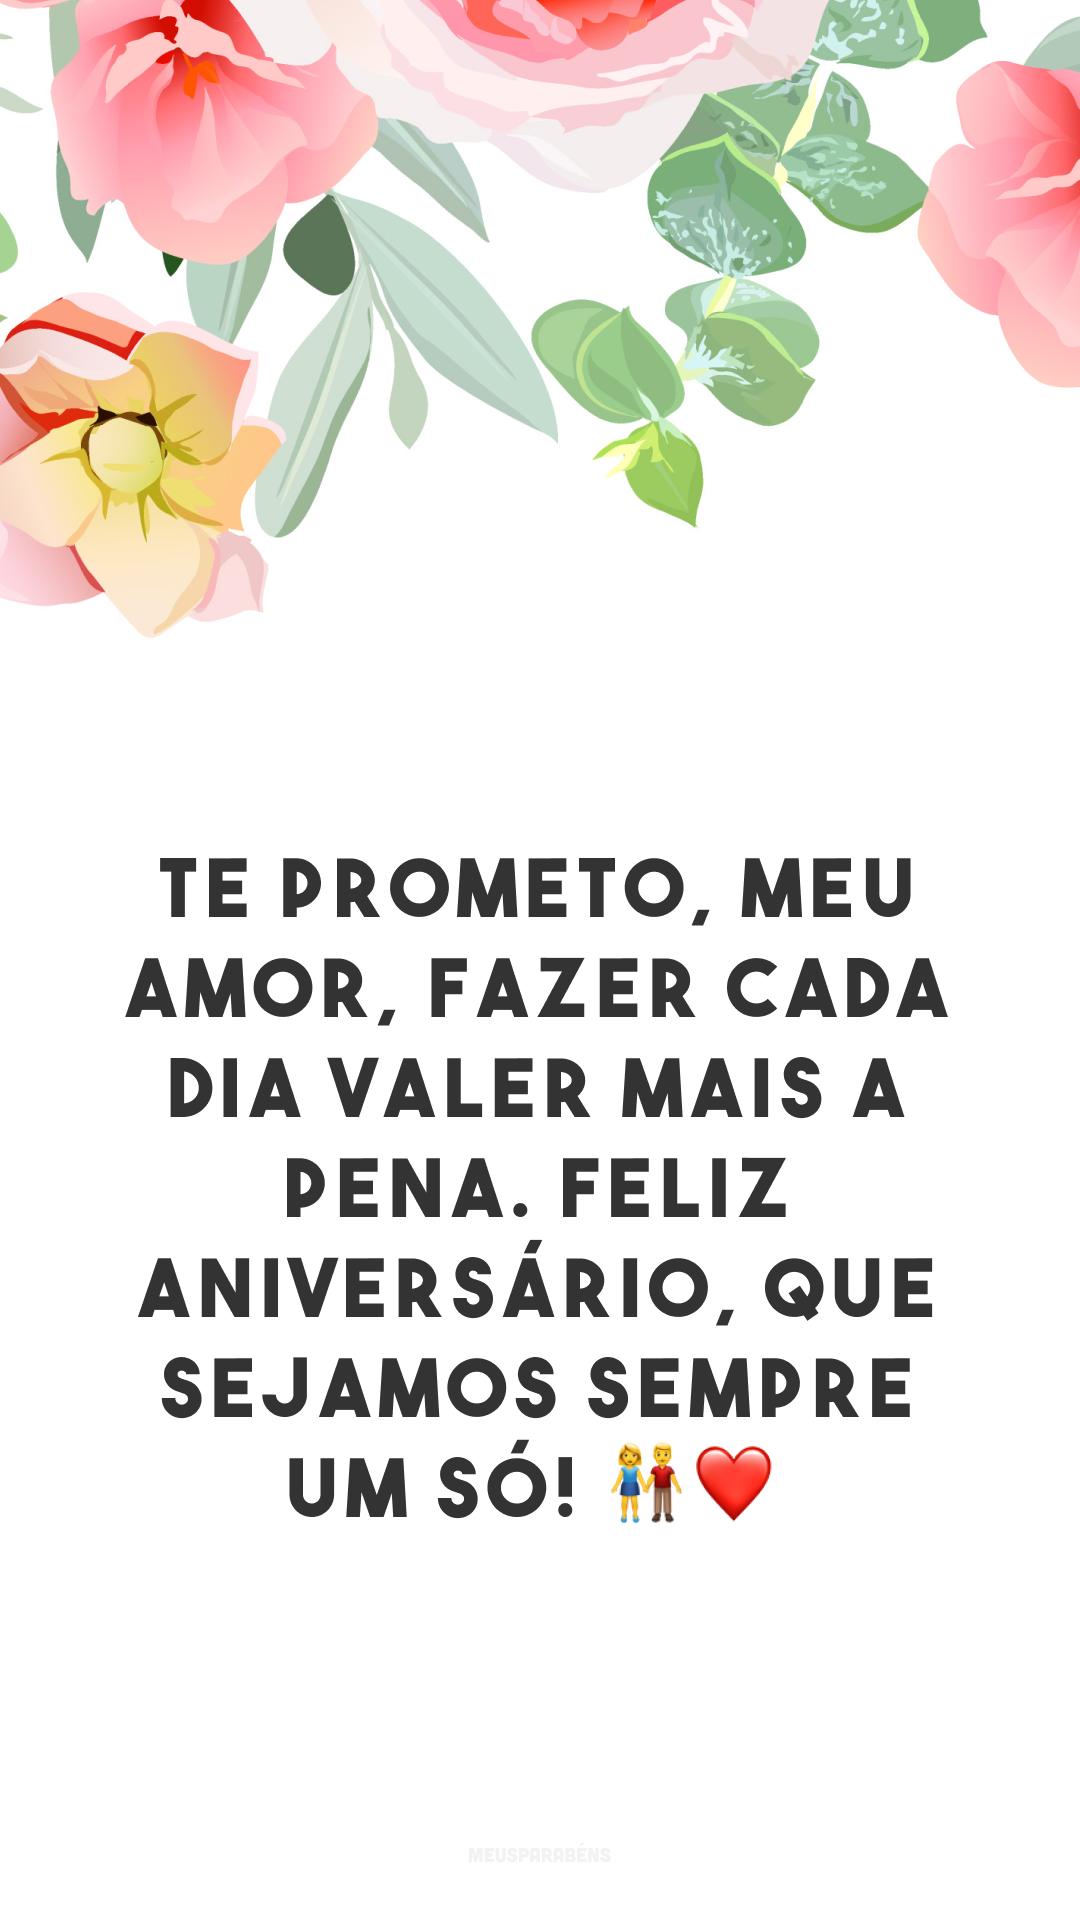 Te prometo, meu amor, fazer cada dia valer mais a pena. Feliz aniversário, que sejamos sempre um só! ?❤